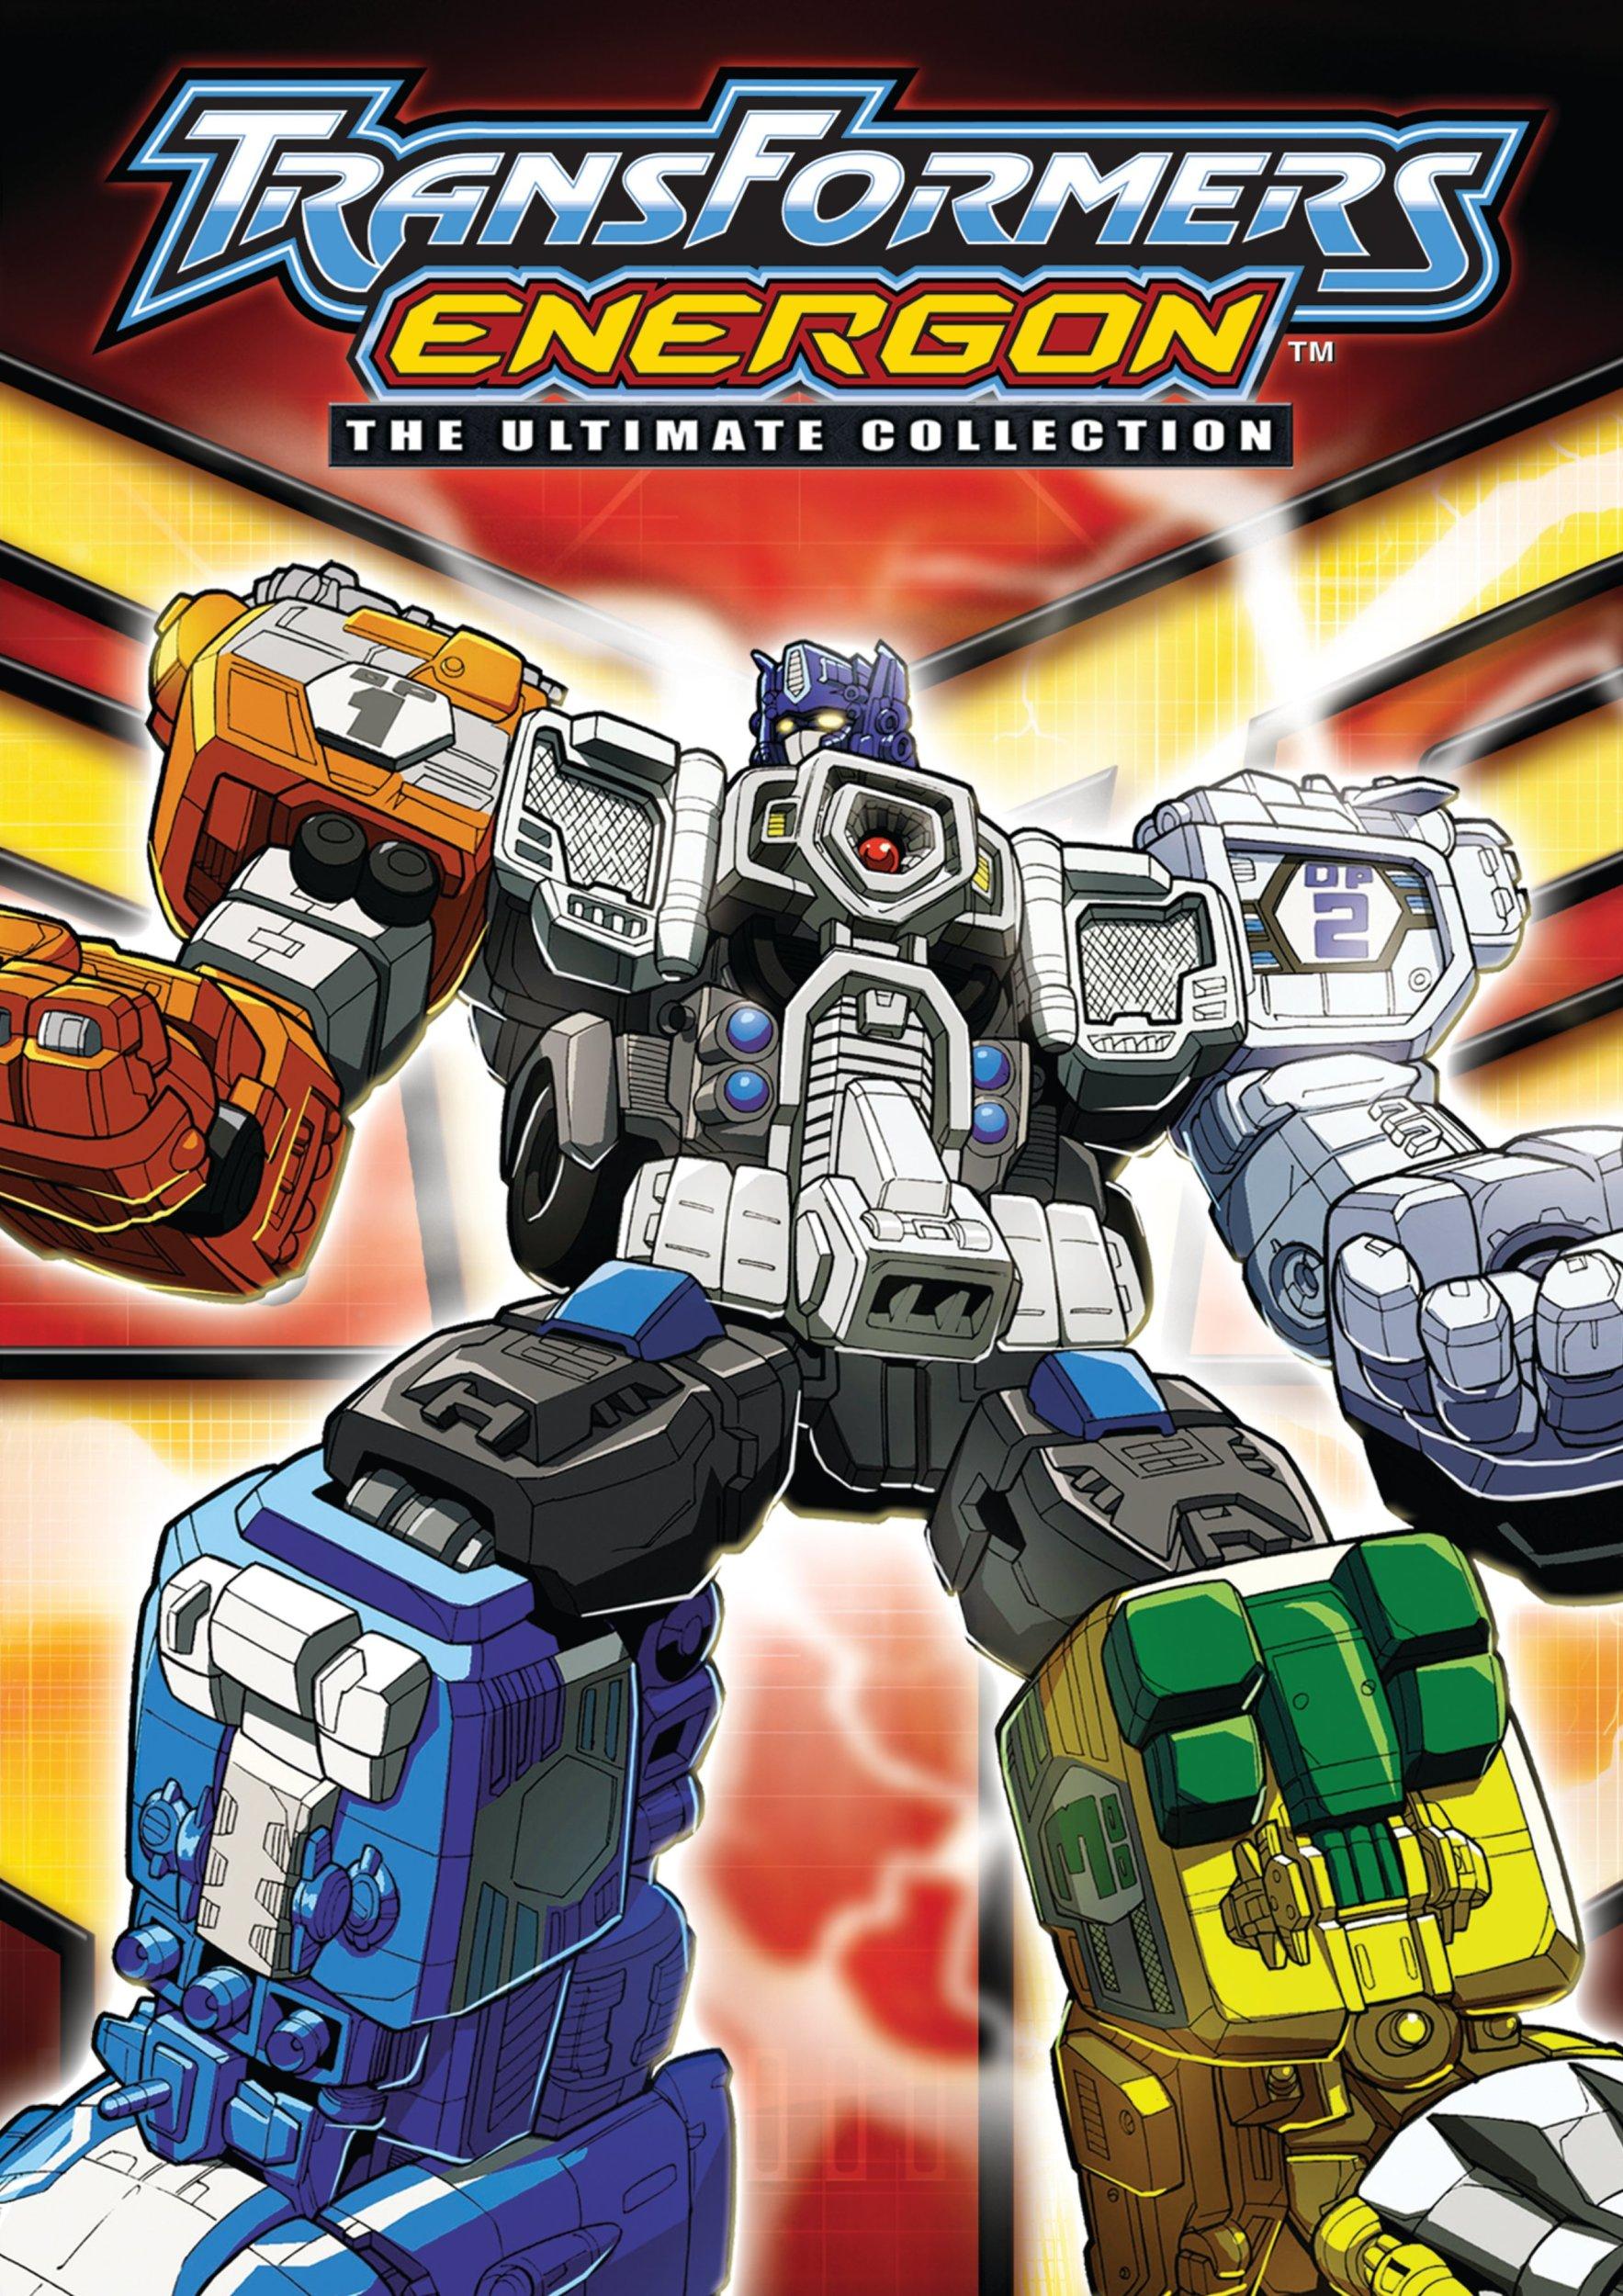 DVD des Épisodes de… Transformers Armada, Énergon et Cybertron ― En Anglais et Français - Page 2 91UAqx6yLTL